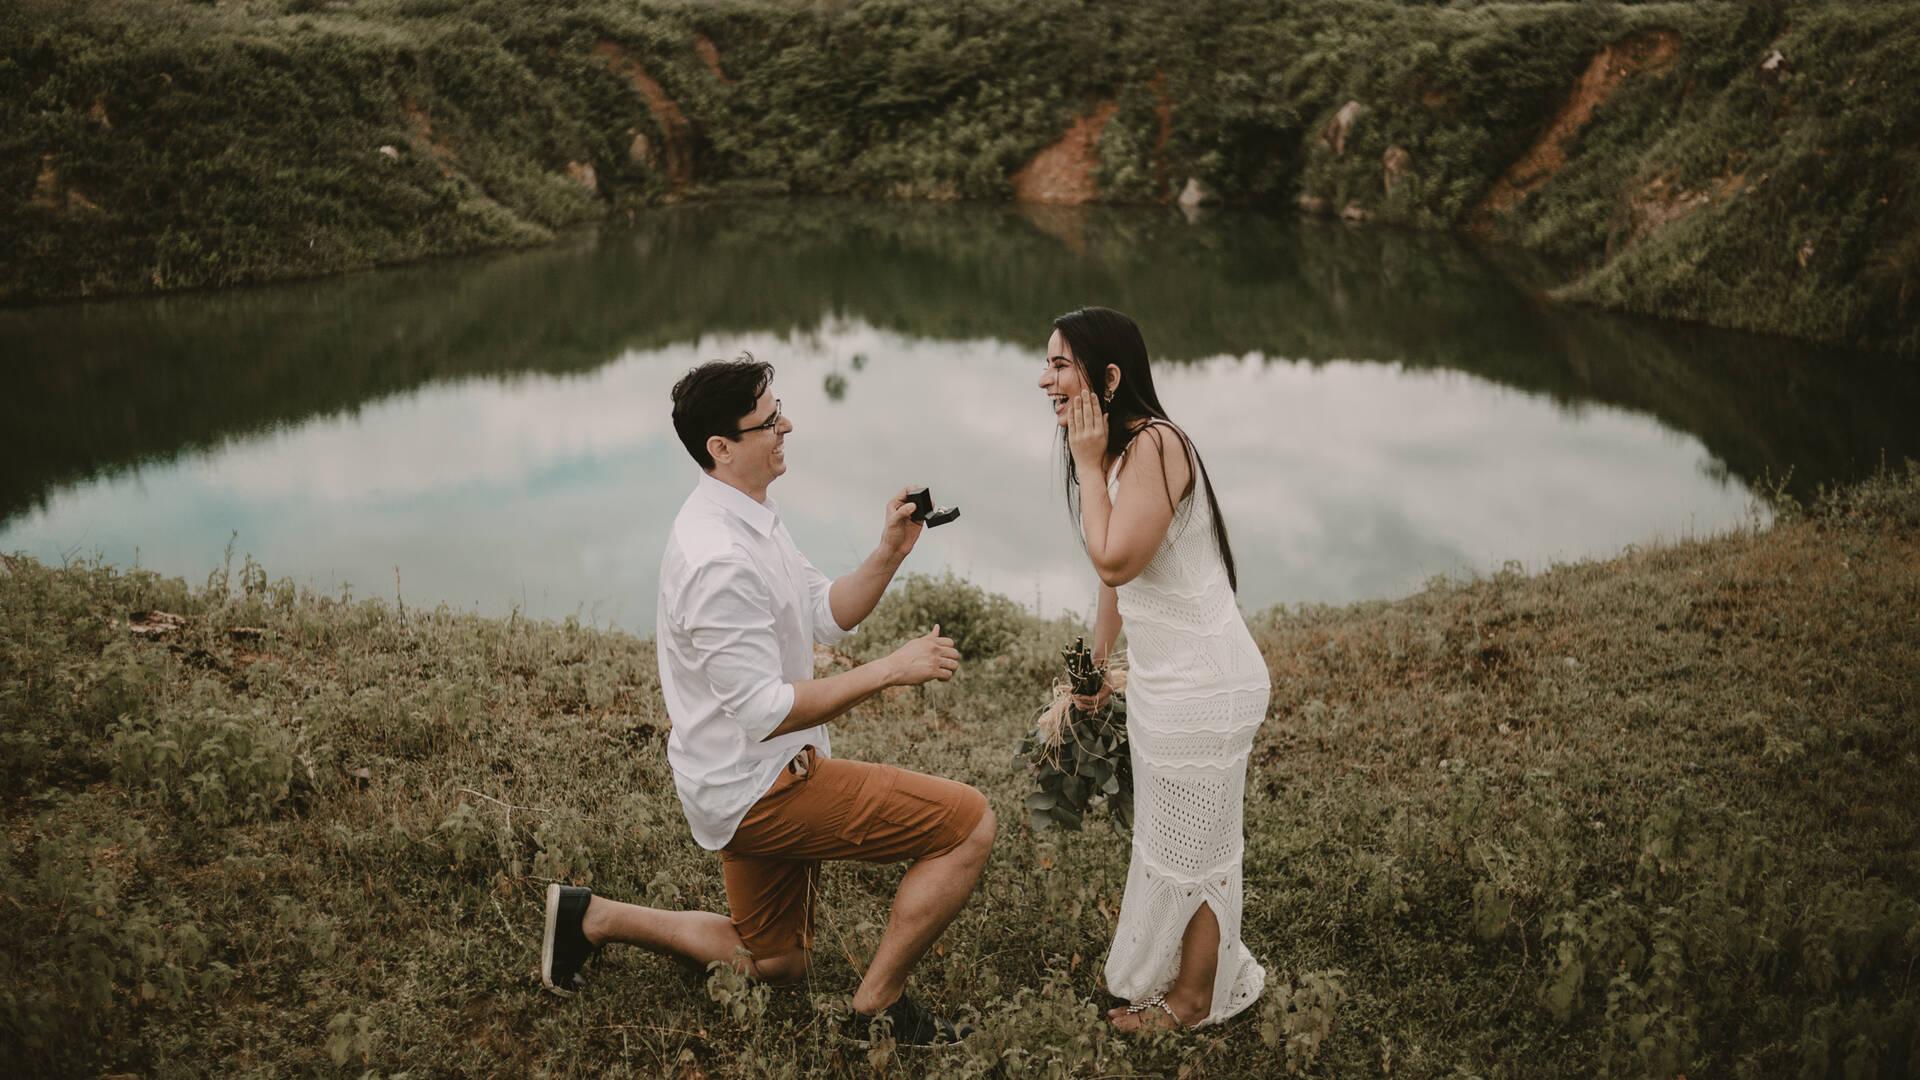 Ensaio | Pre Wedding de Aliny & Alexandre